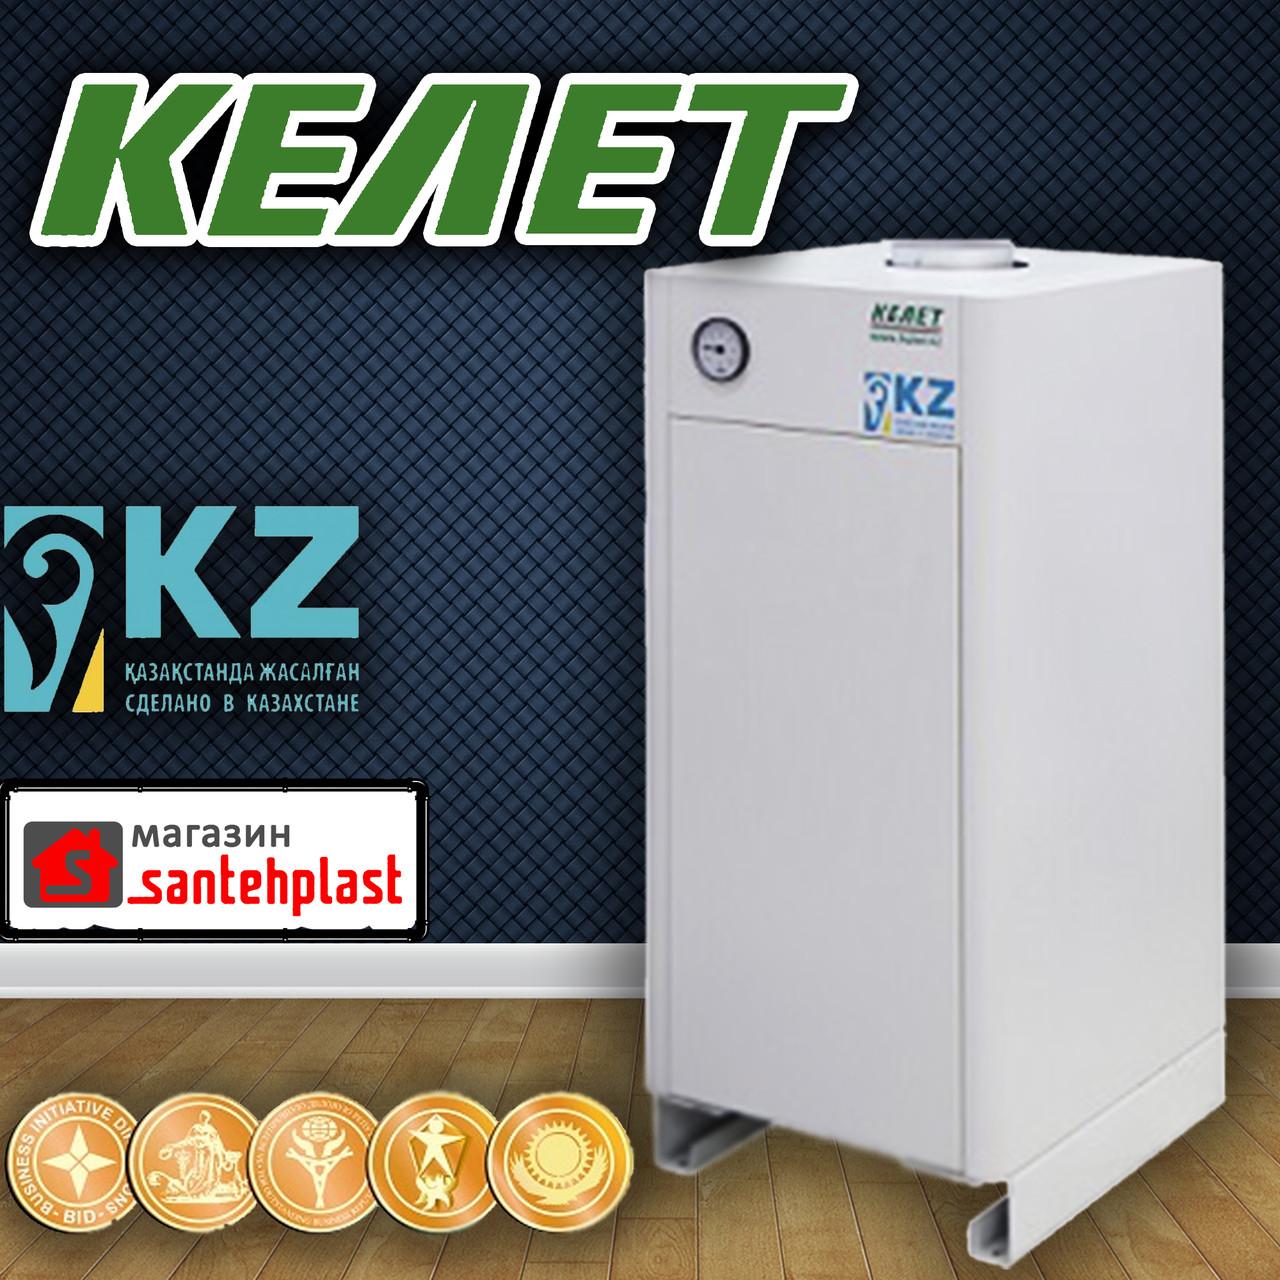 Энергонезависимый газовый котел КЕЛЕТ КСГ-12 до 120 м.кв